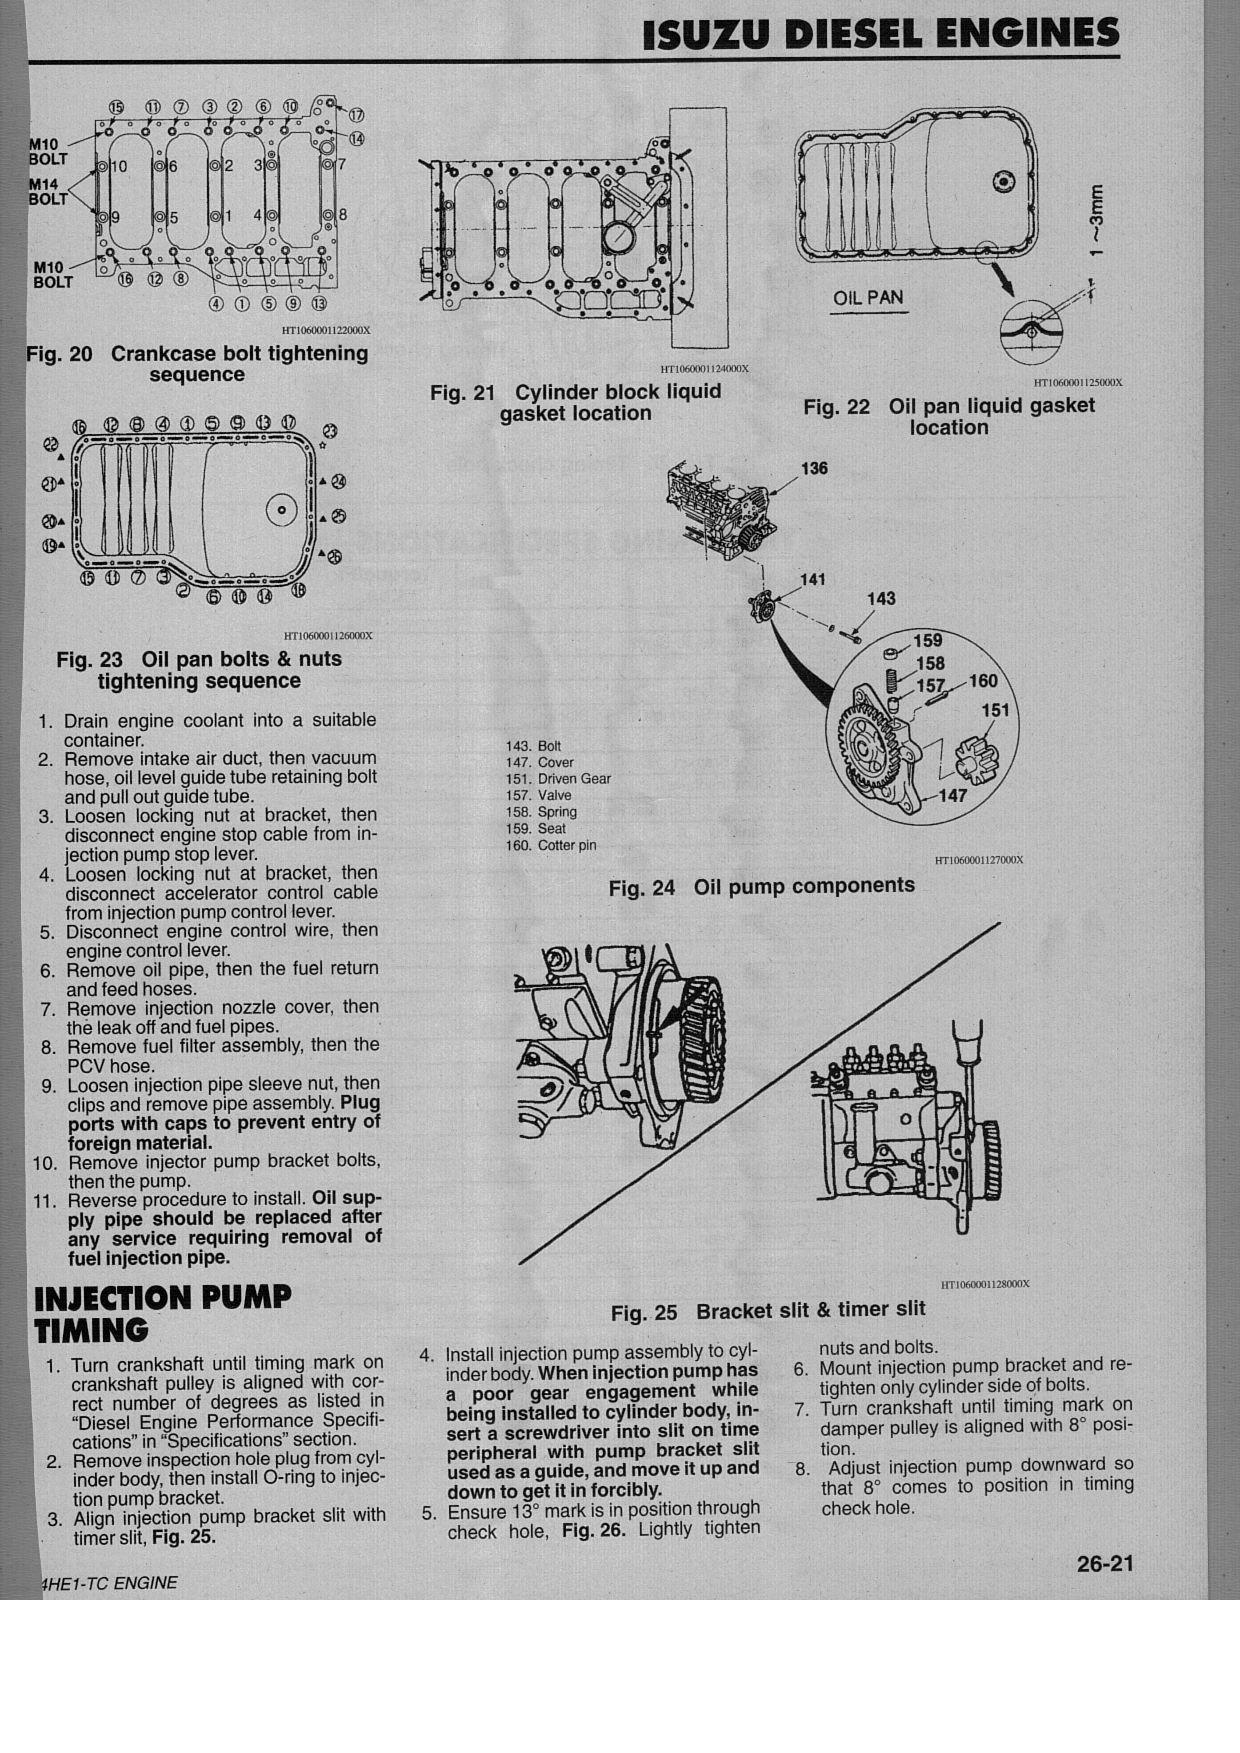 isuzu fuel pump wiring diagram sk 8495  furthermore 1998 isuzu trooper fuse box diagram on isuzu  isuzu trooper fuse box diagram